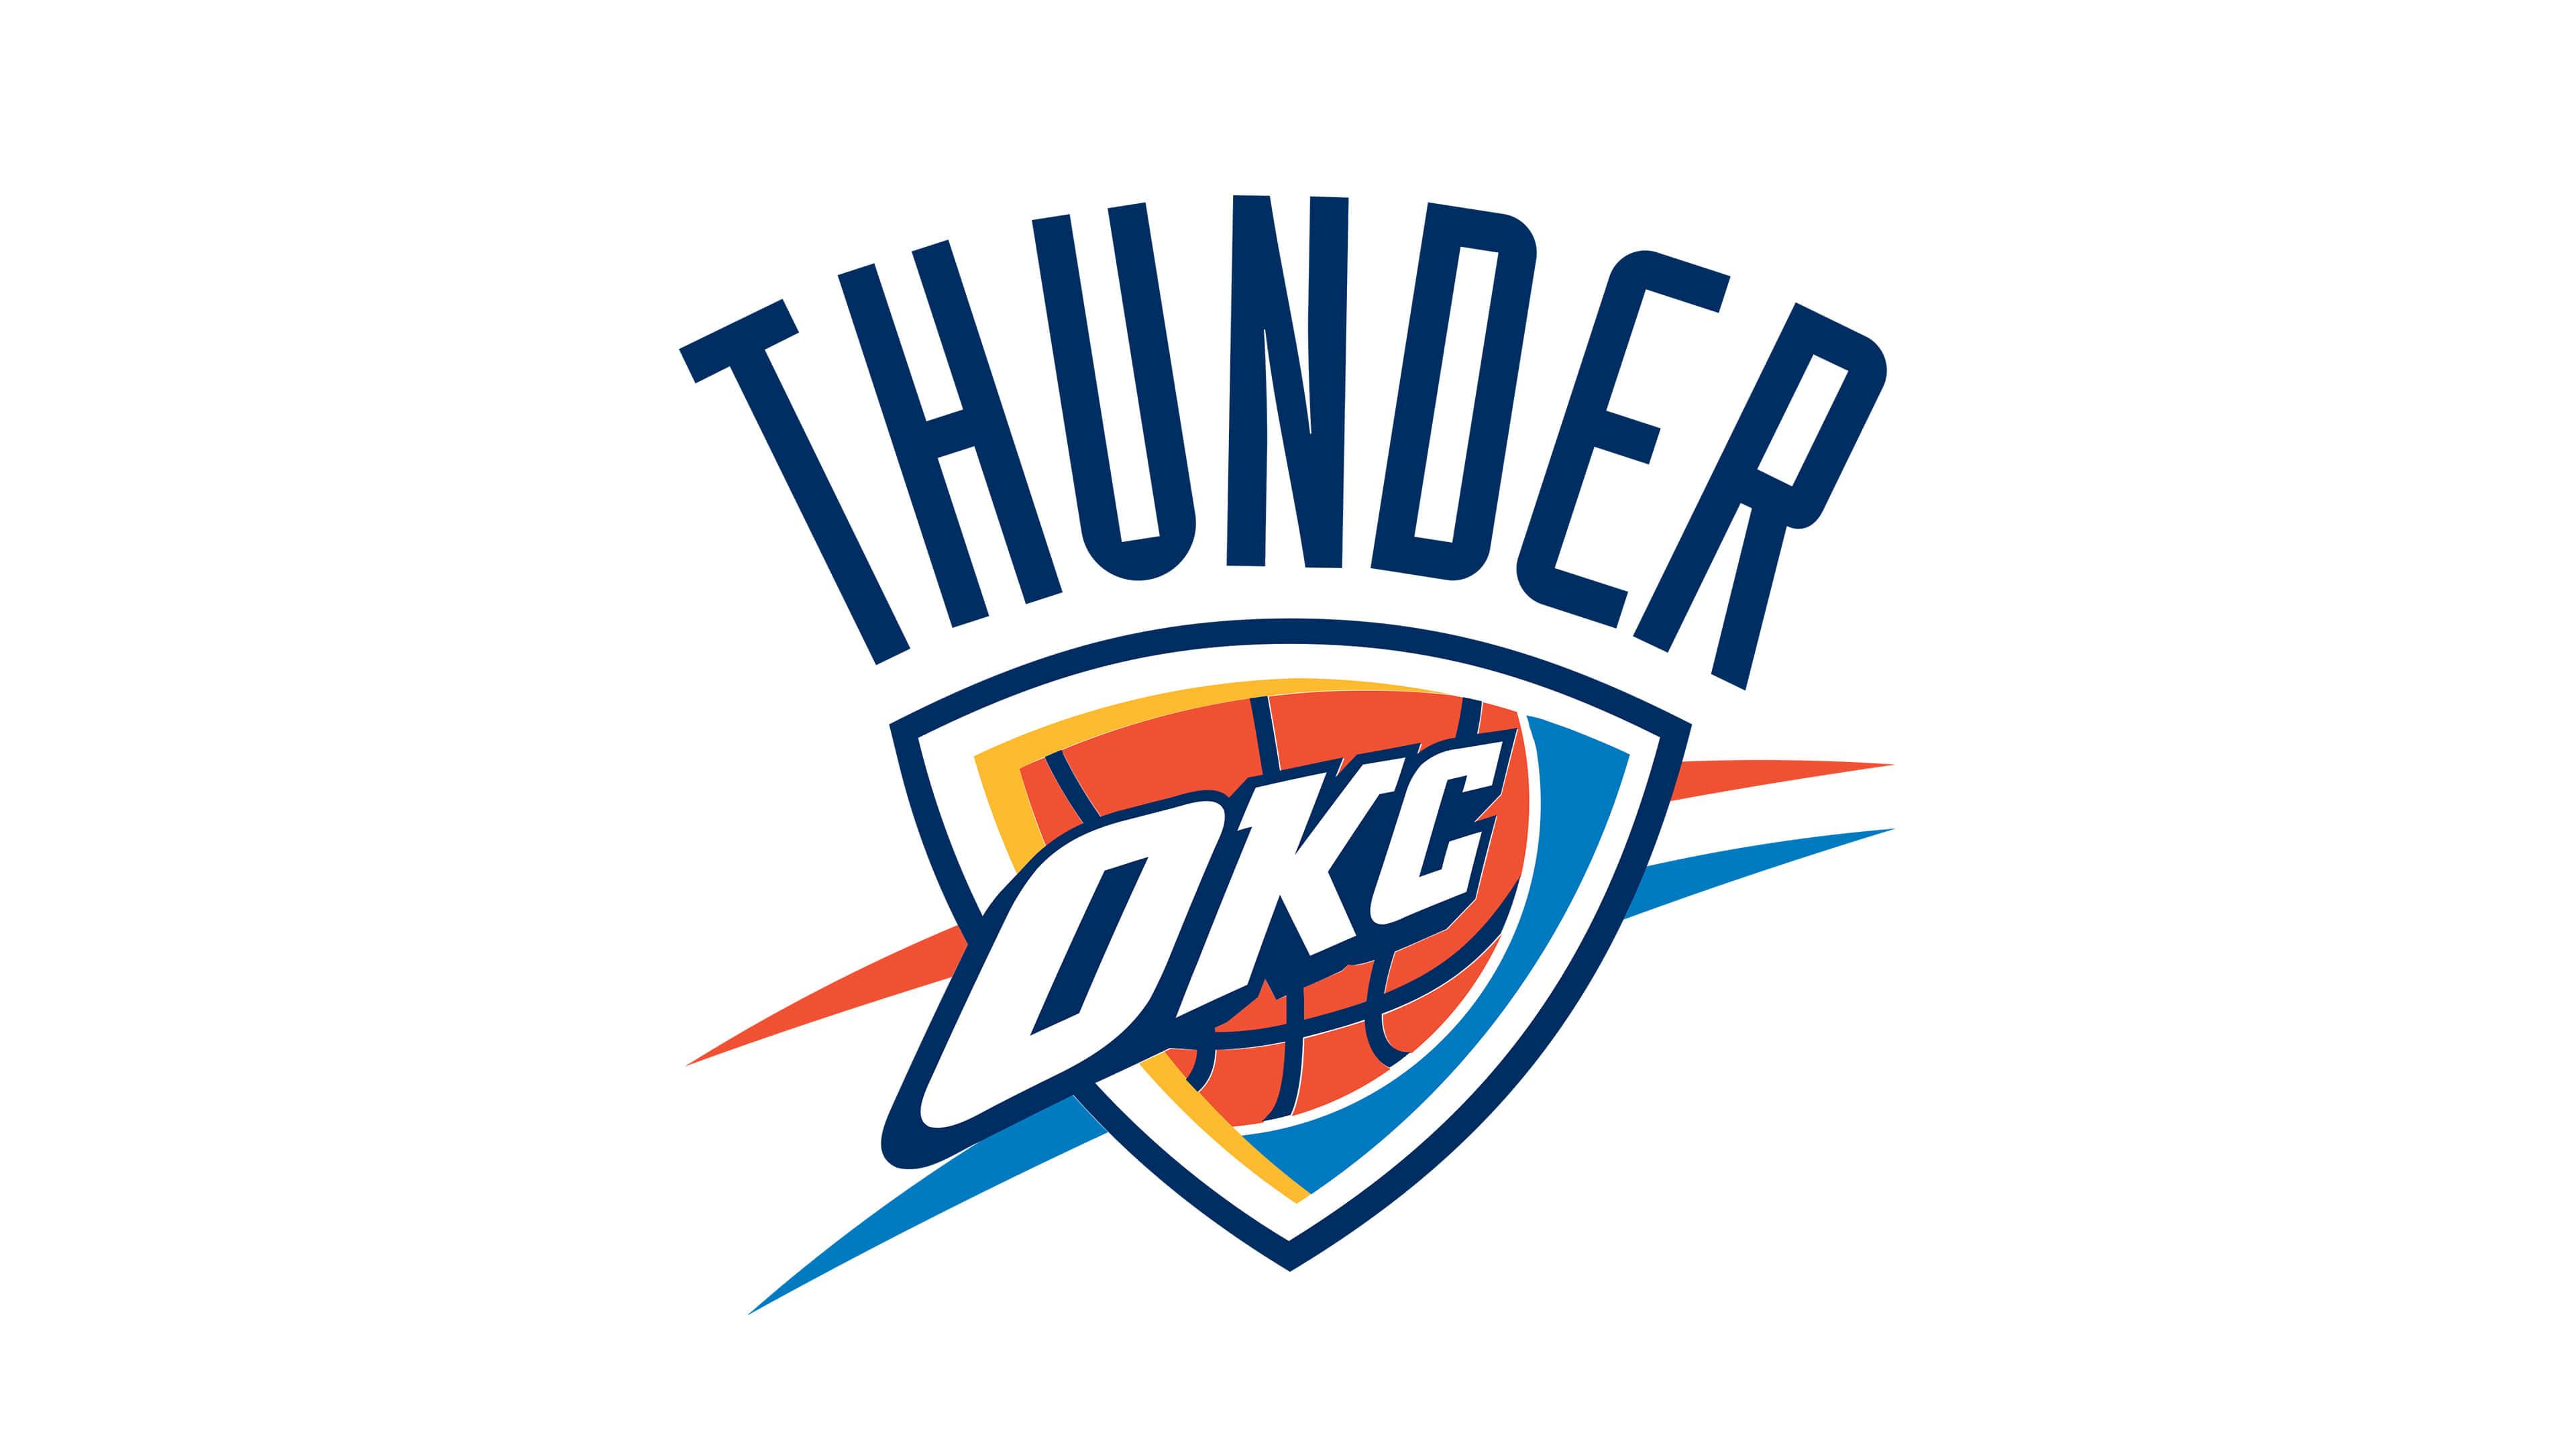 oklahoma city thunder nba logo uhd 4k wallpaper